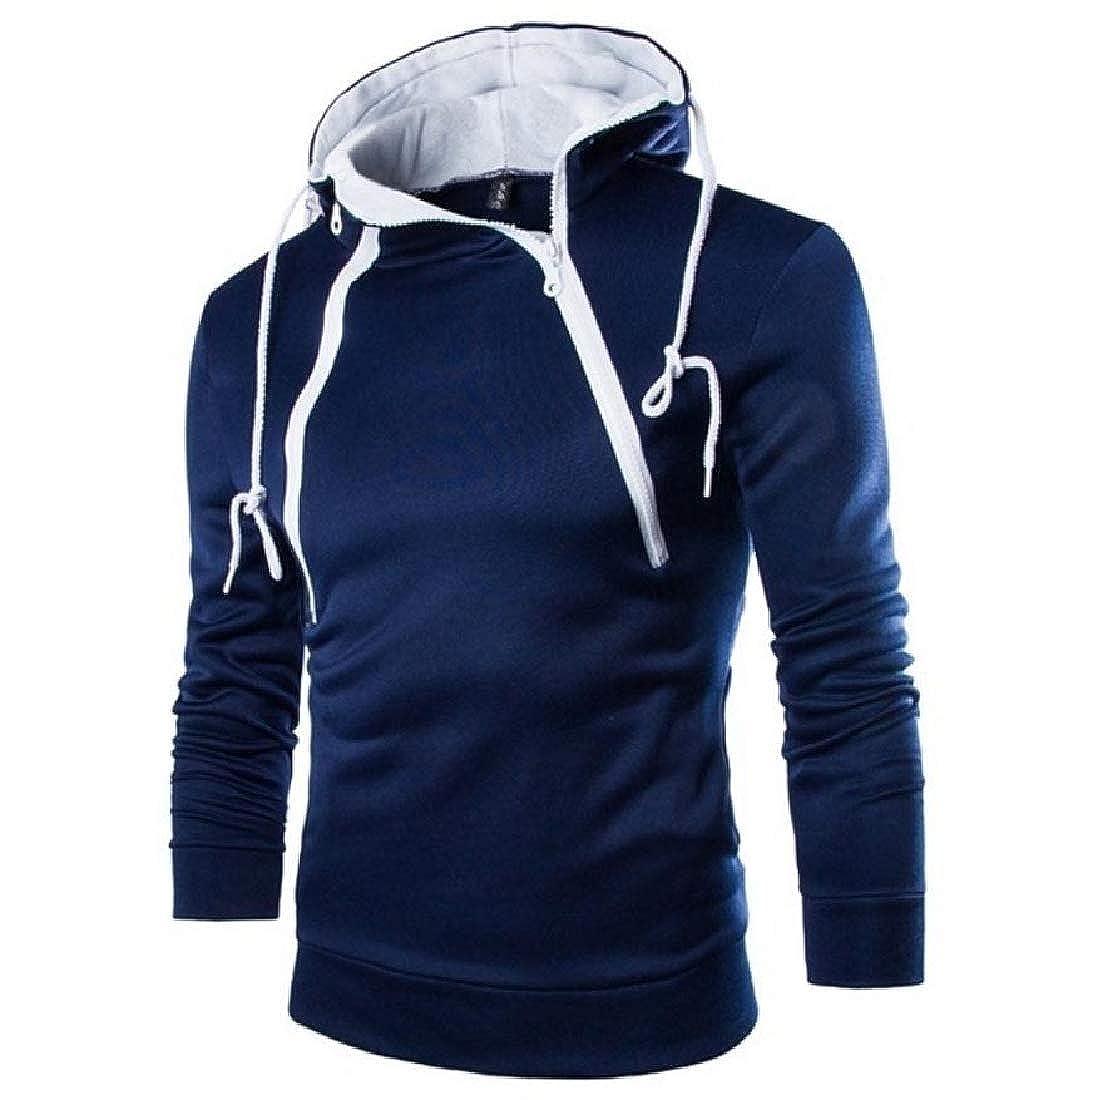 Doufine Men Turtleneck Hoodies Sweater Coats Sport Running Pullover